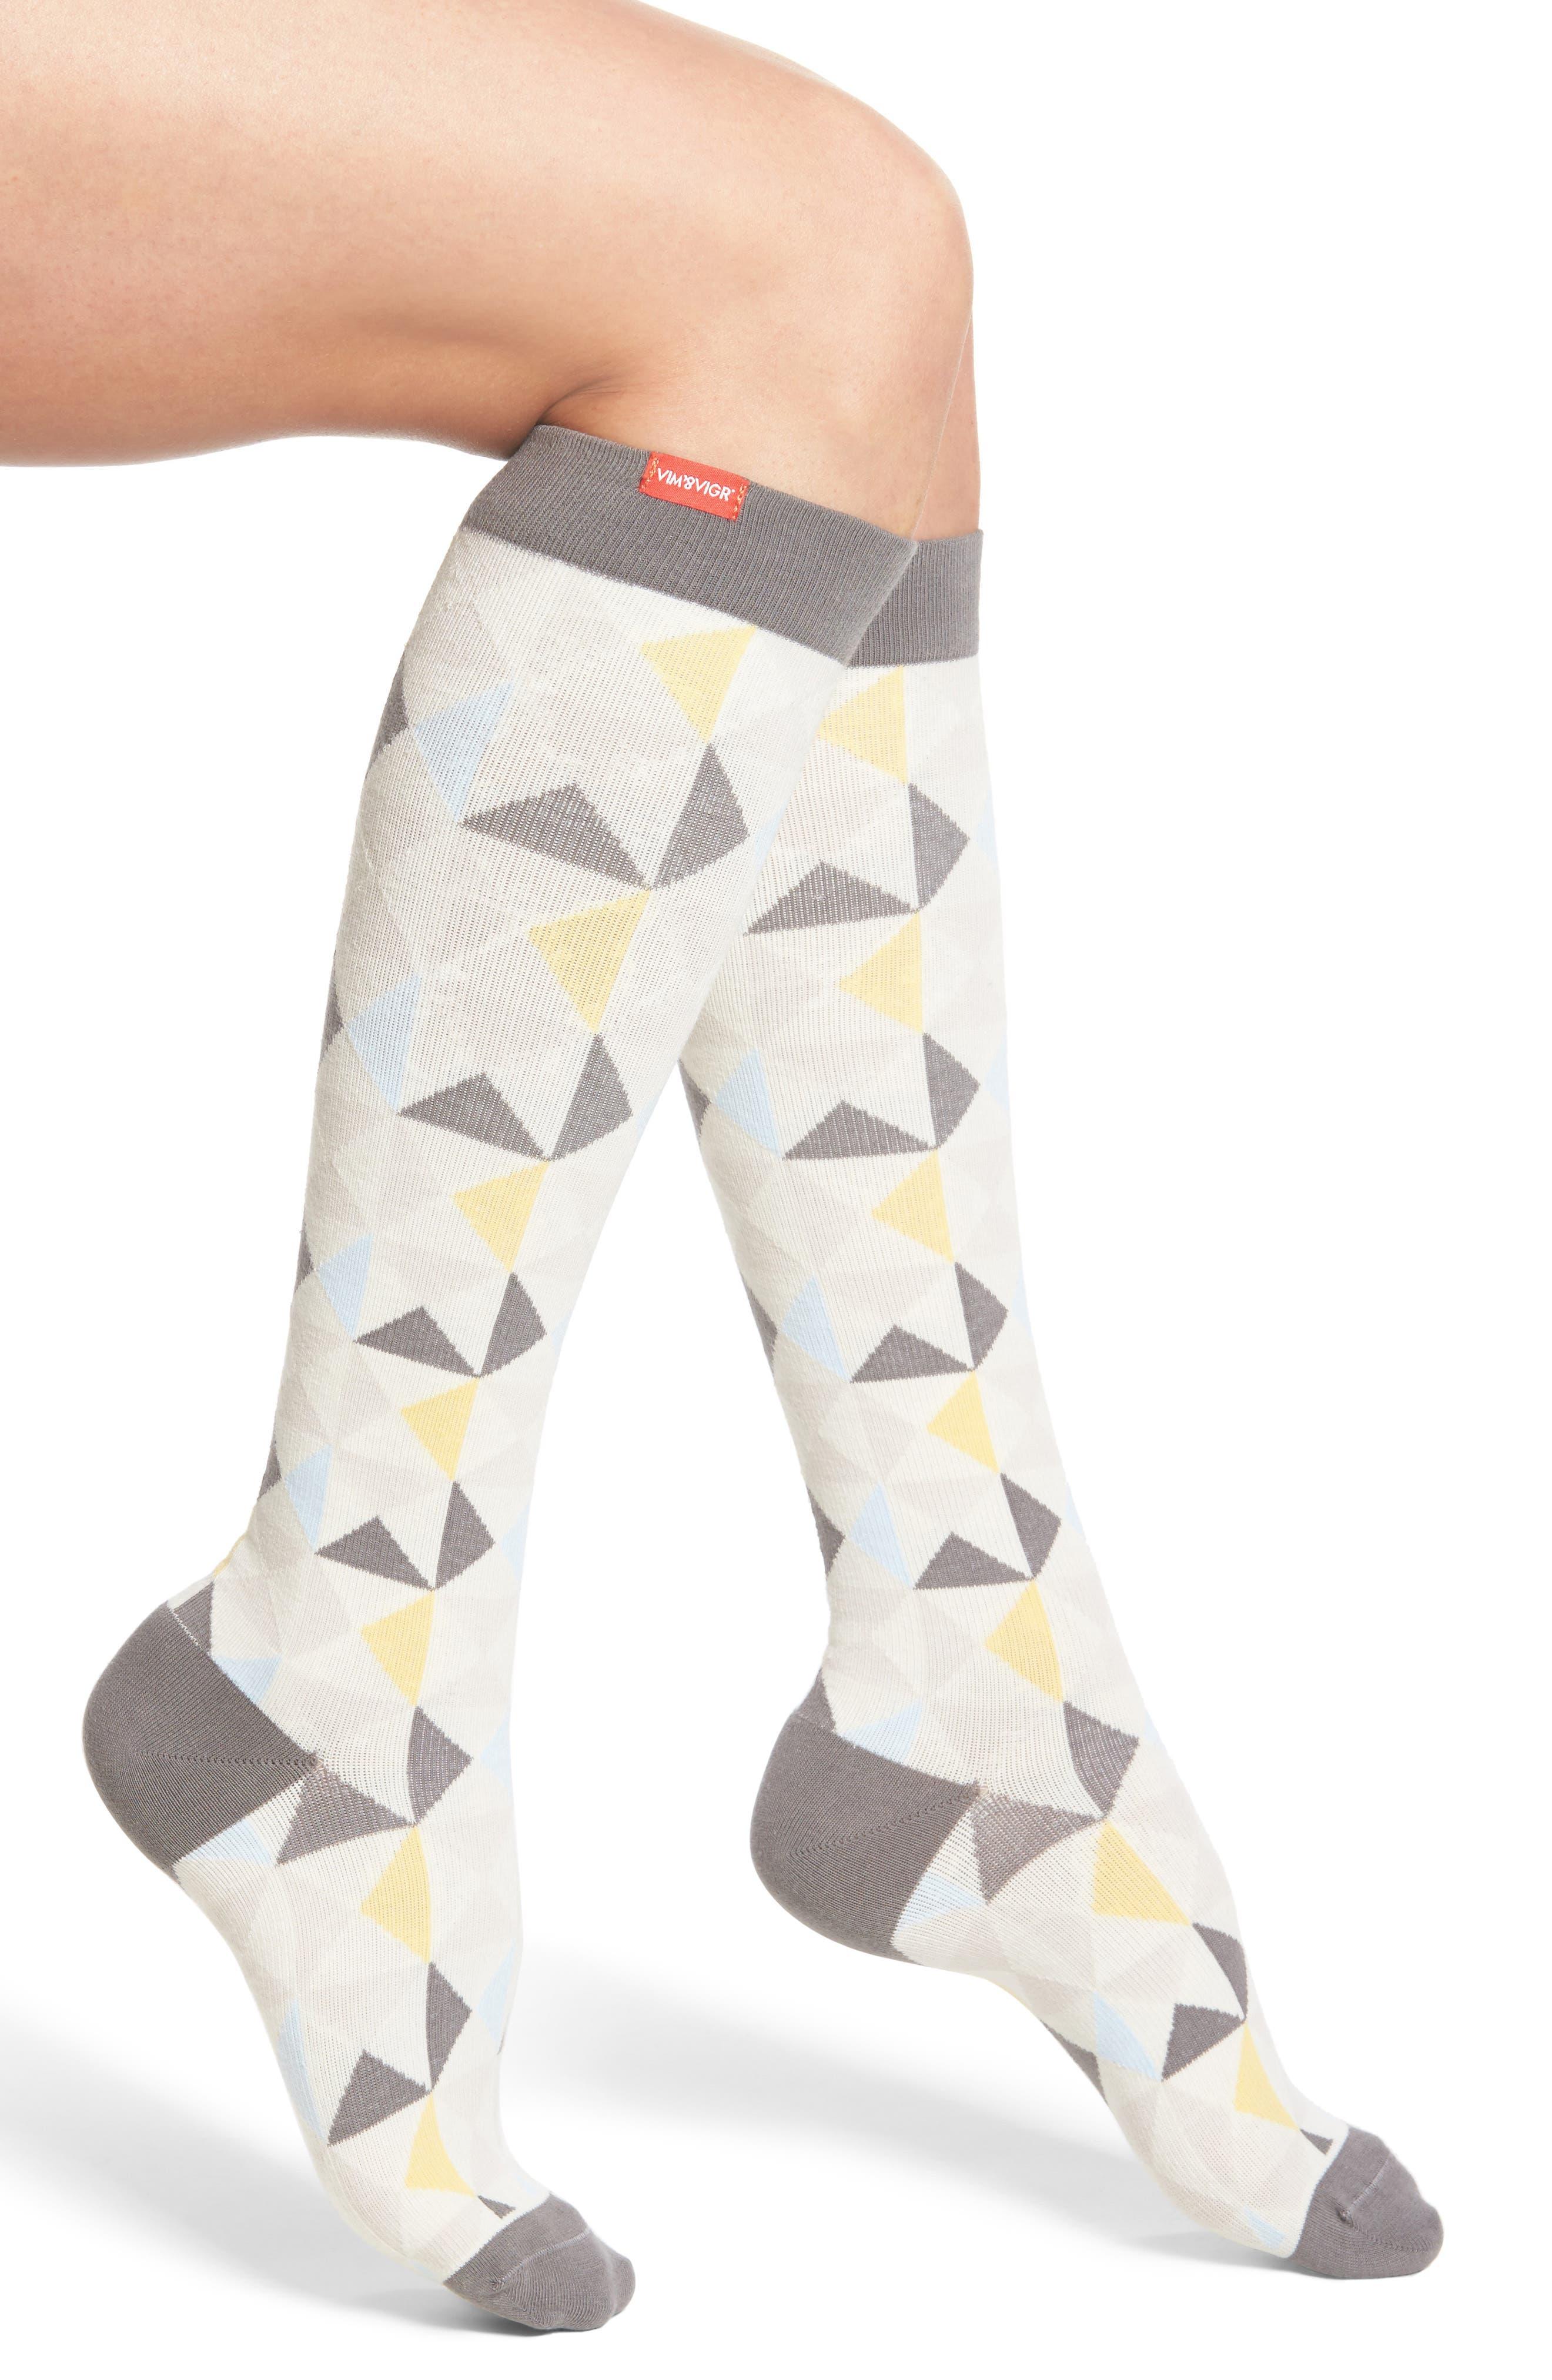 VIM & VIGR Compression Knee High Socks